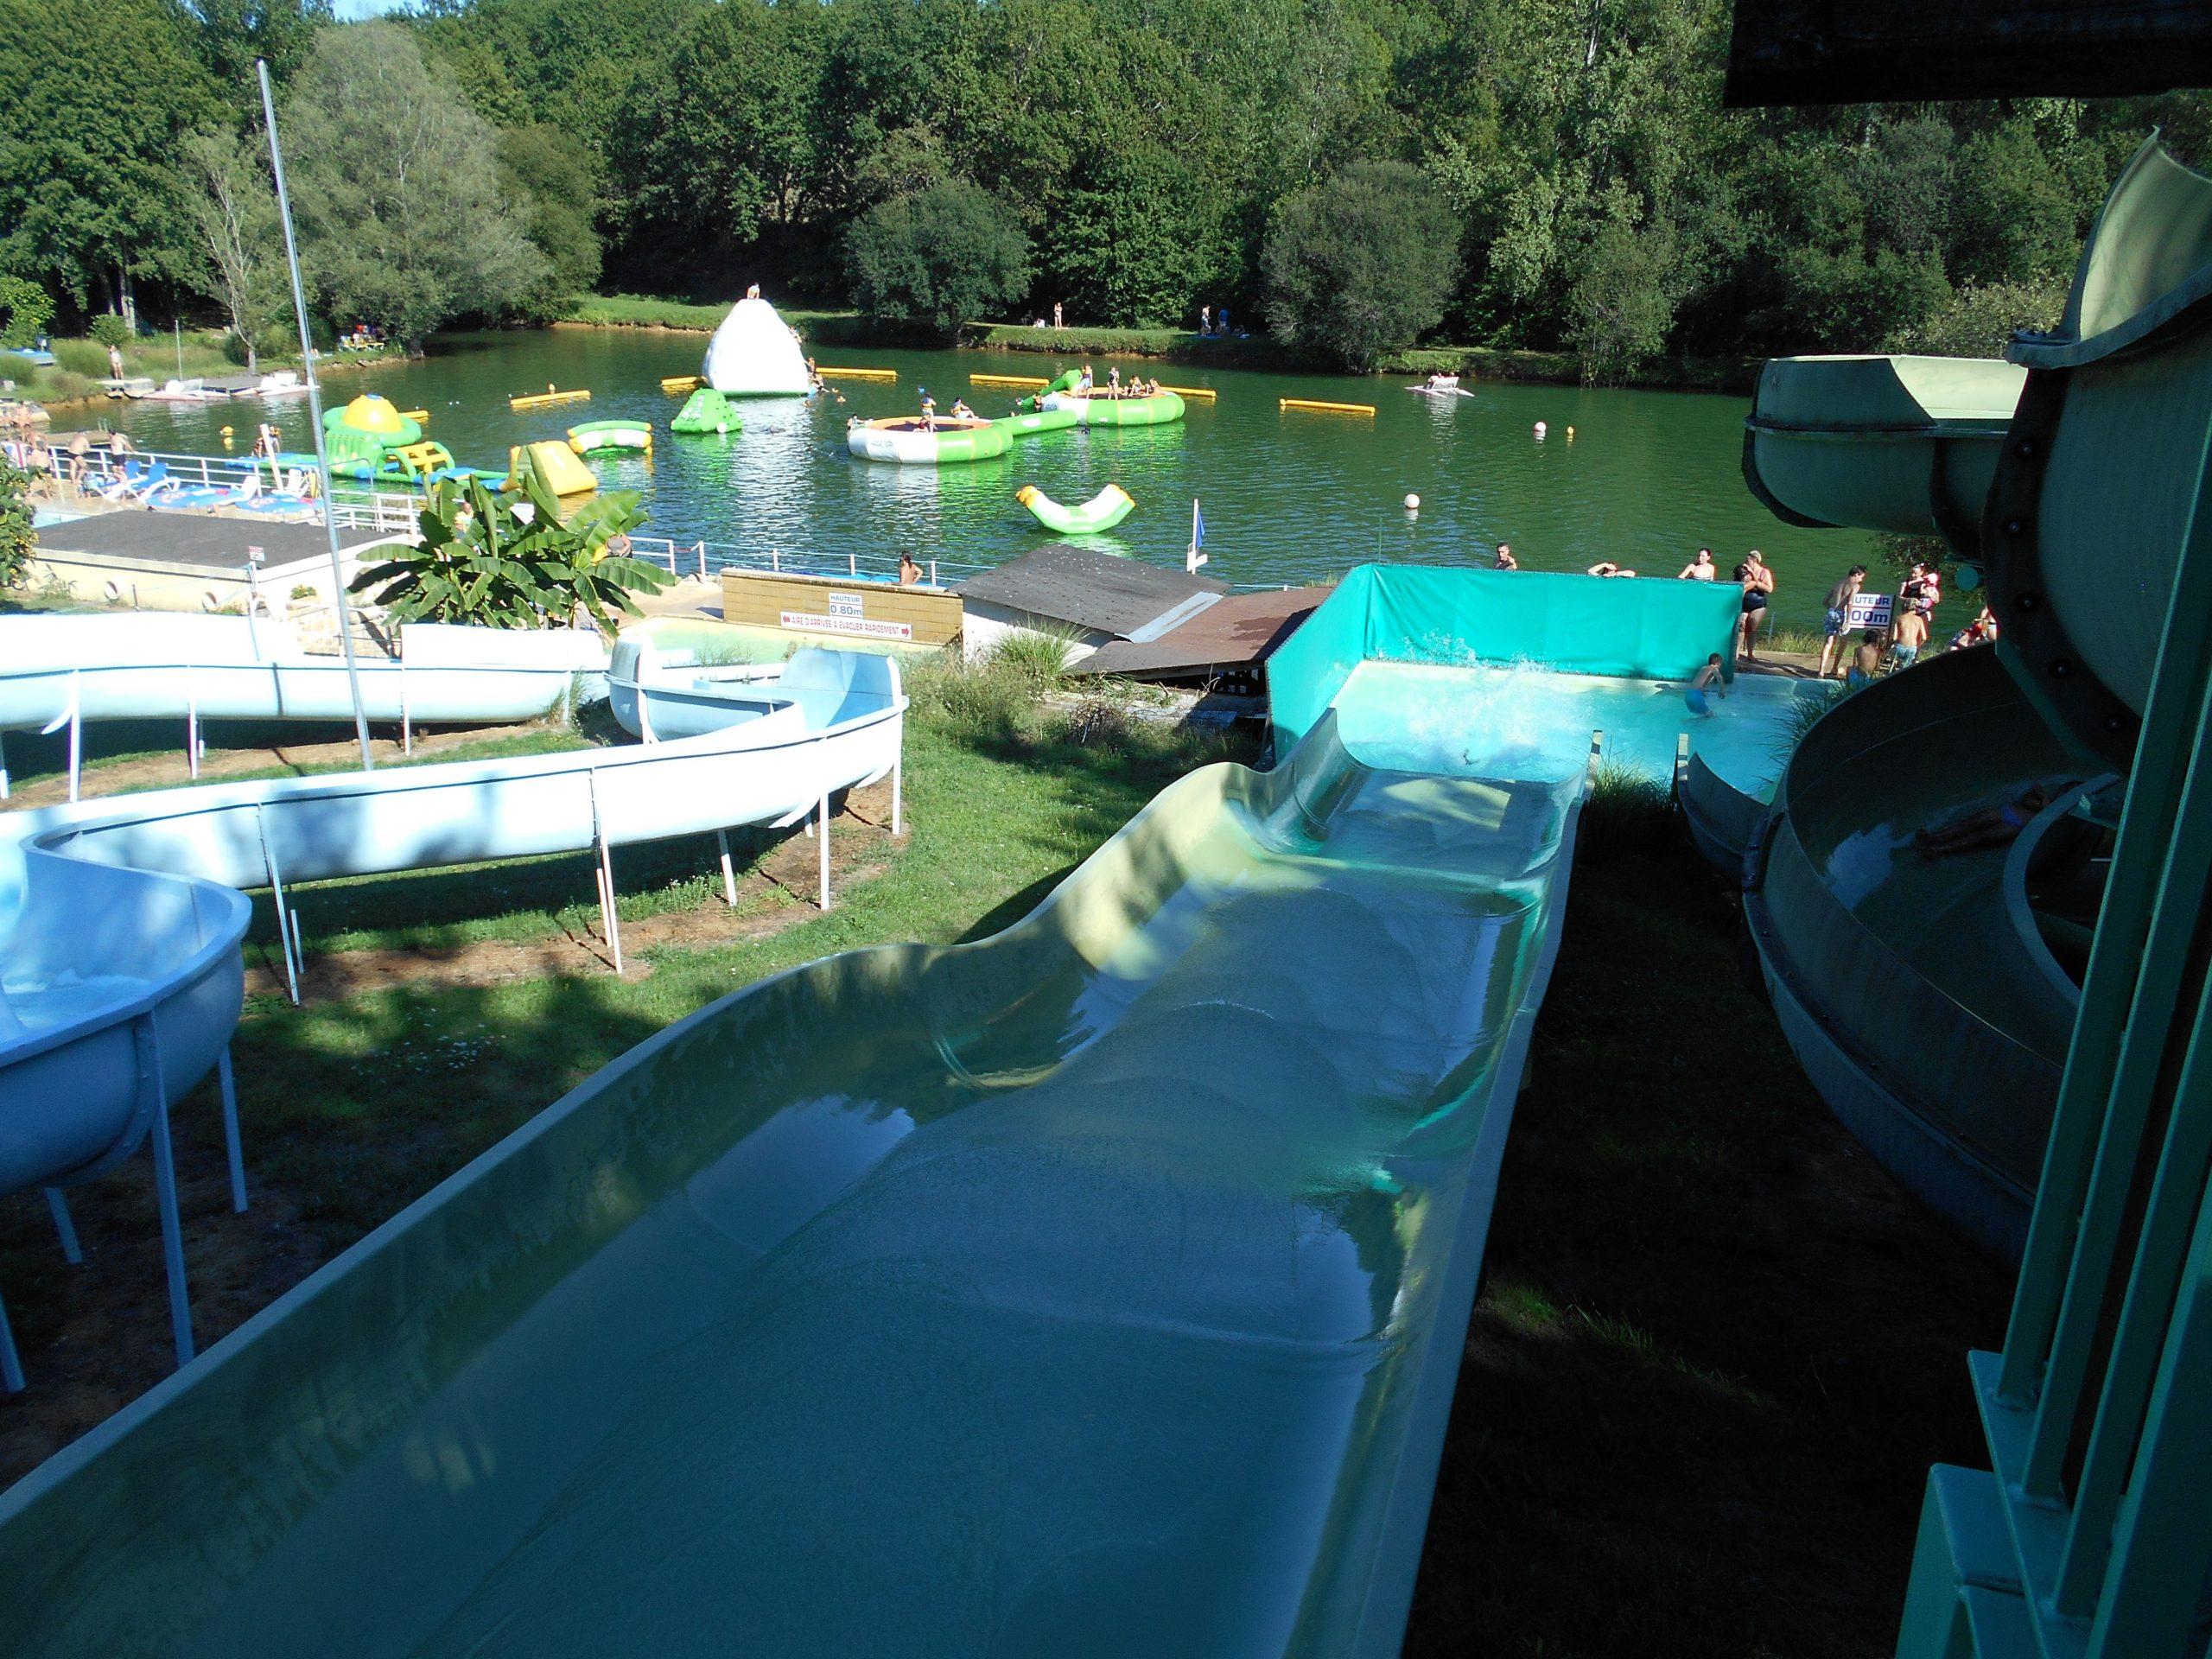 Camping Dordogne Avec Toboggans Aquatiques - Camping Aux ... tout Camping Dordogne Avec Piscine Et Toboggan